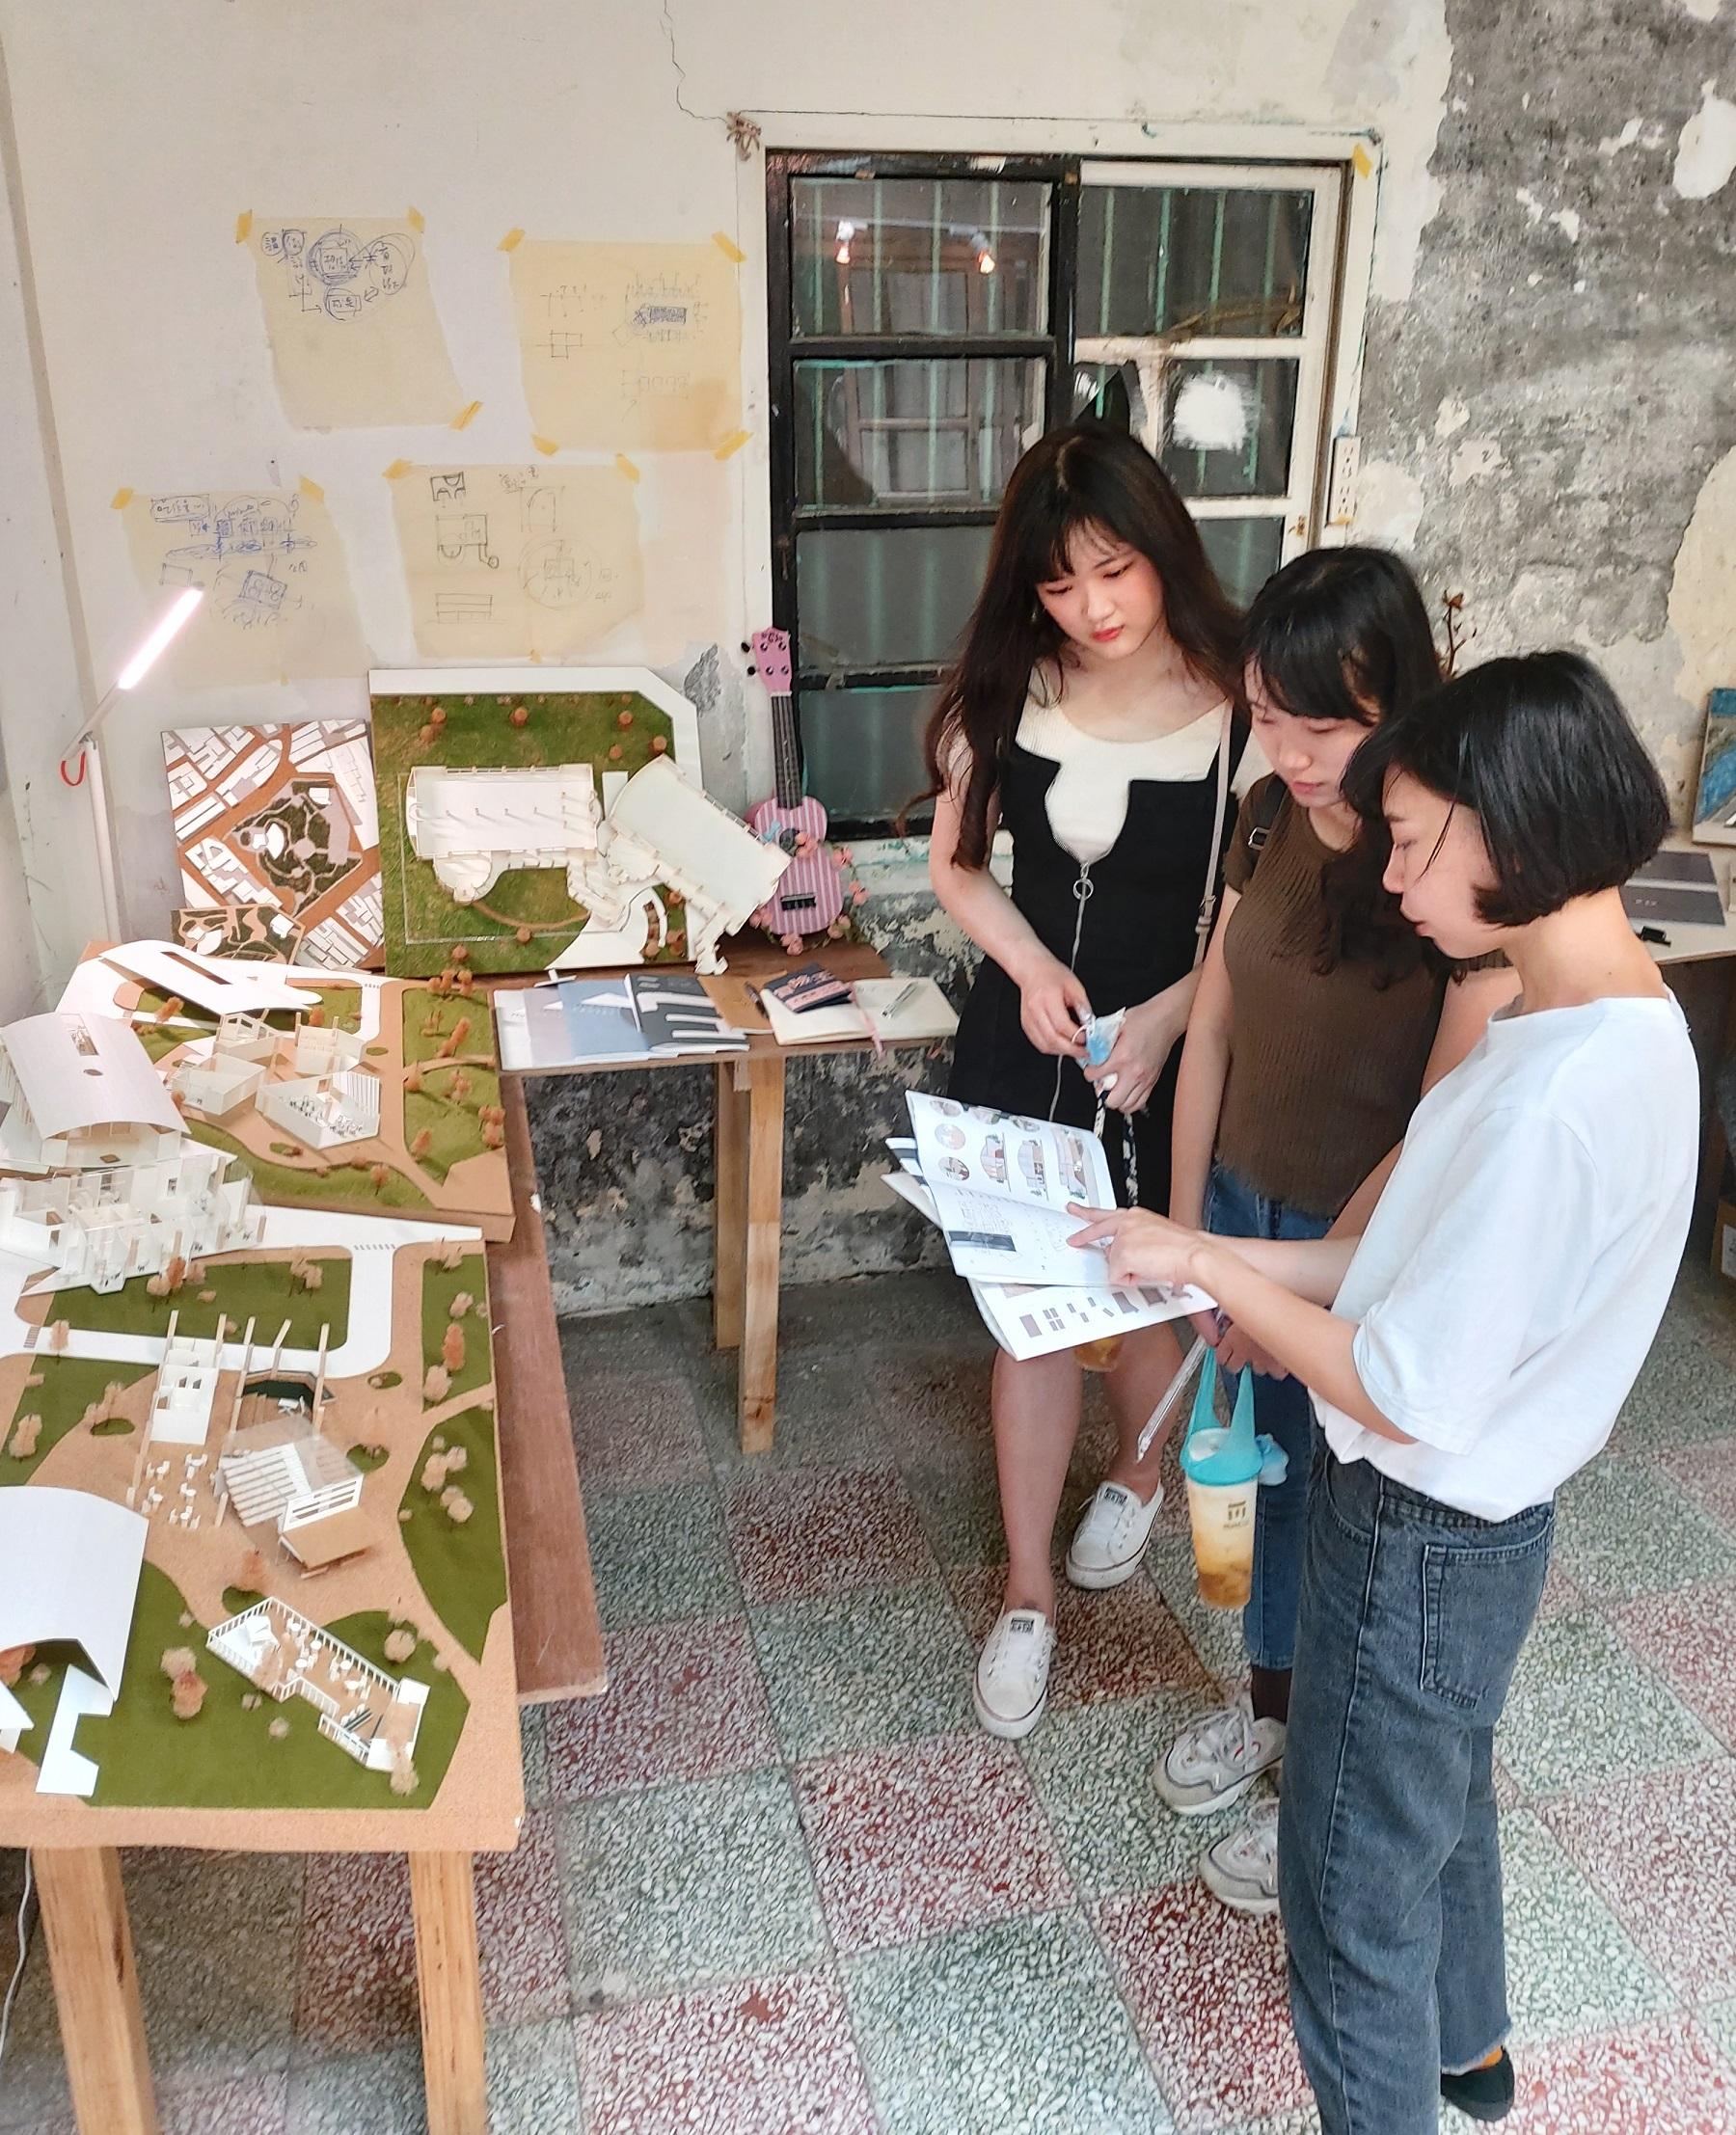 中原大學室內設計學系簡君璉向參觀者介紹「MUSIC CENTER」畢業作品的設計.jpg